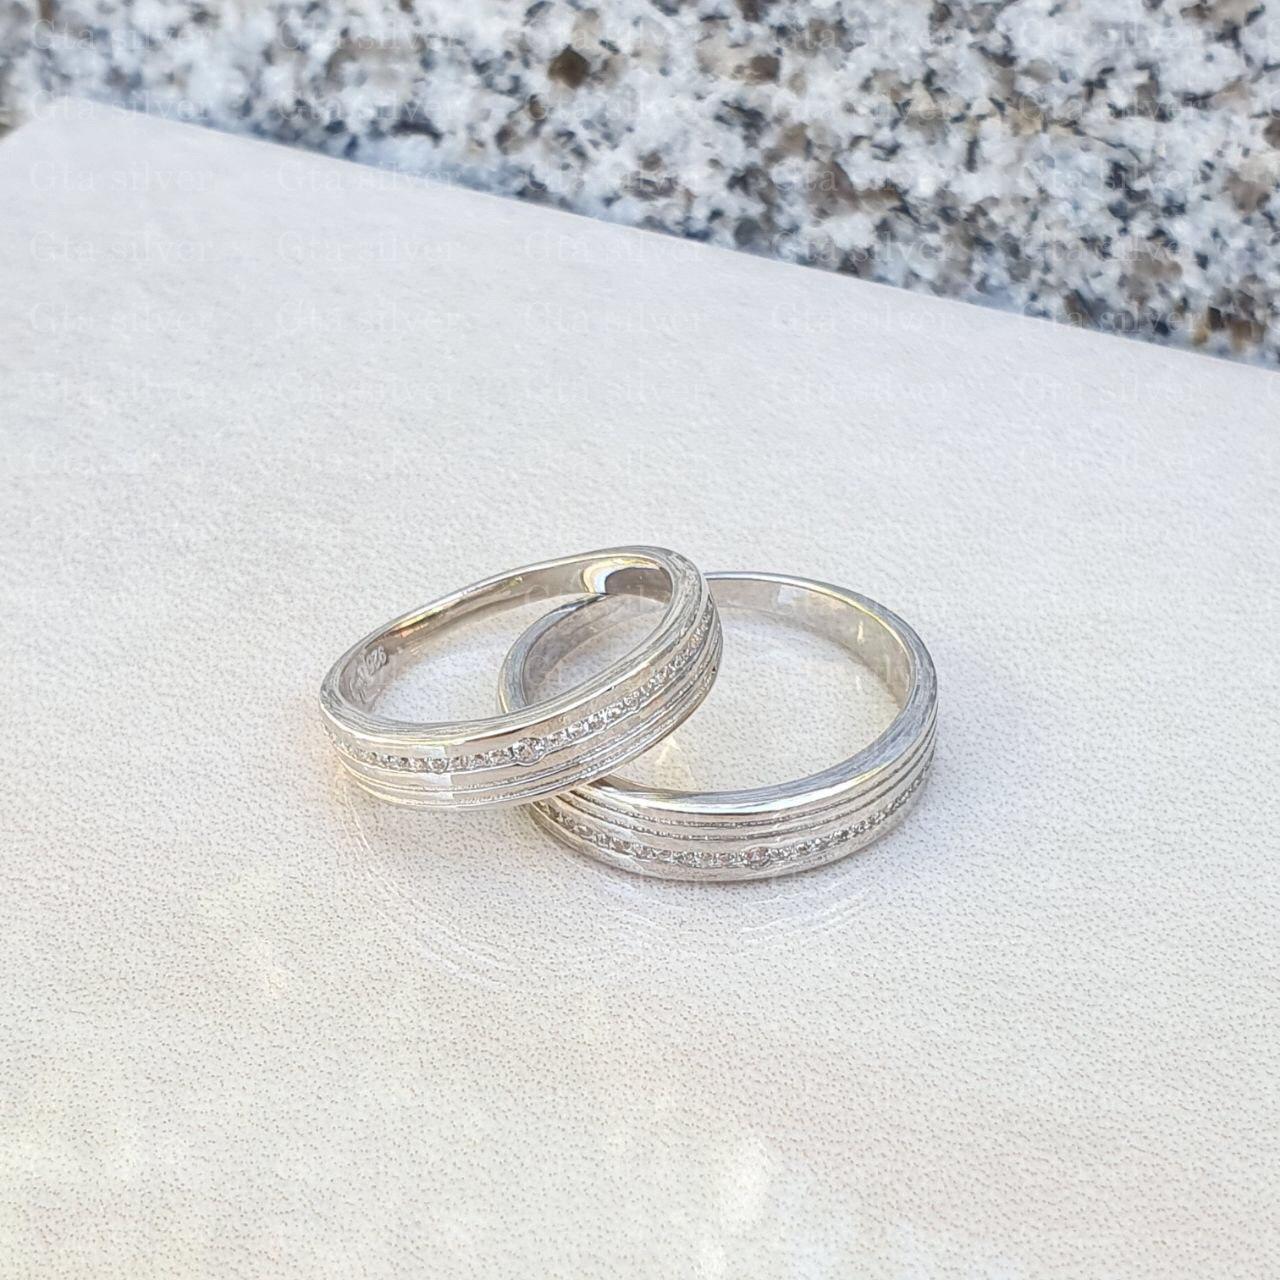 ست حلقه ازدواج وزن 6.5 گرم مدل 53